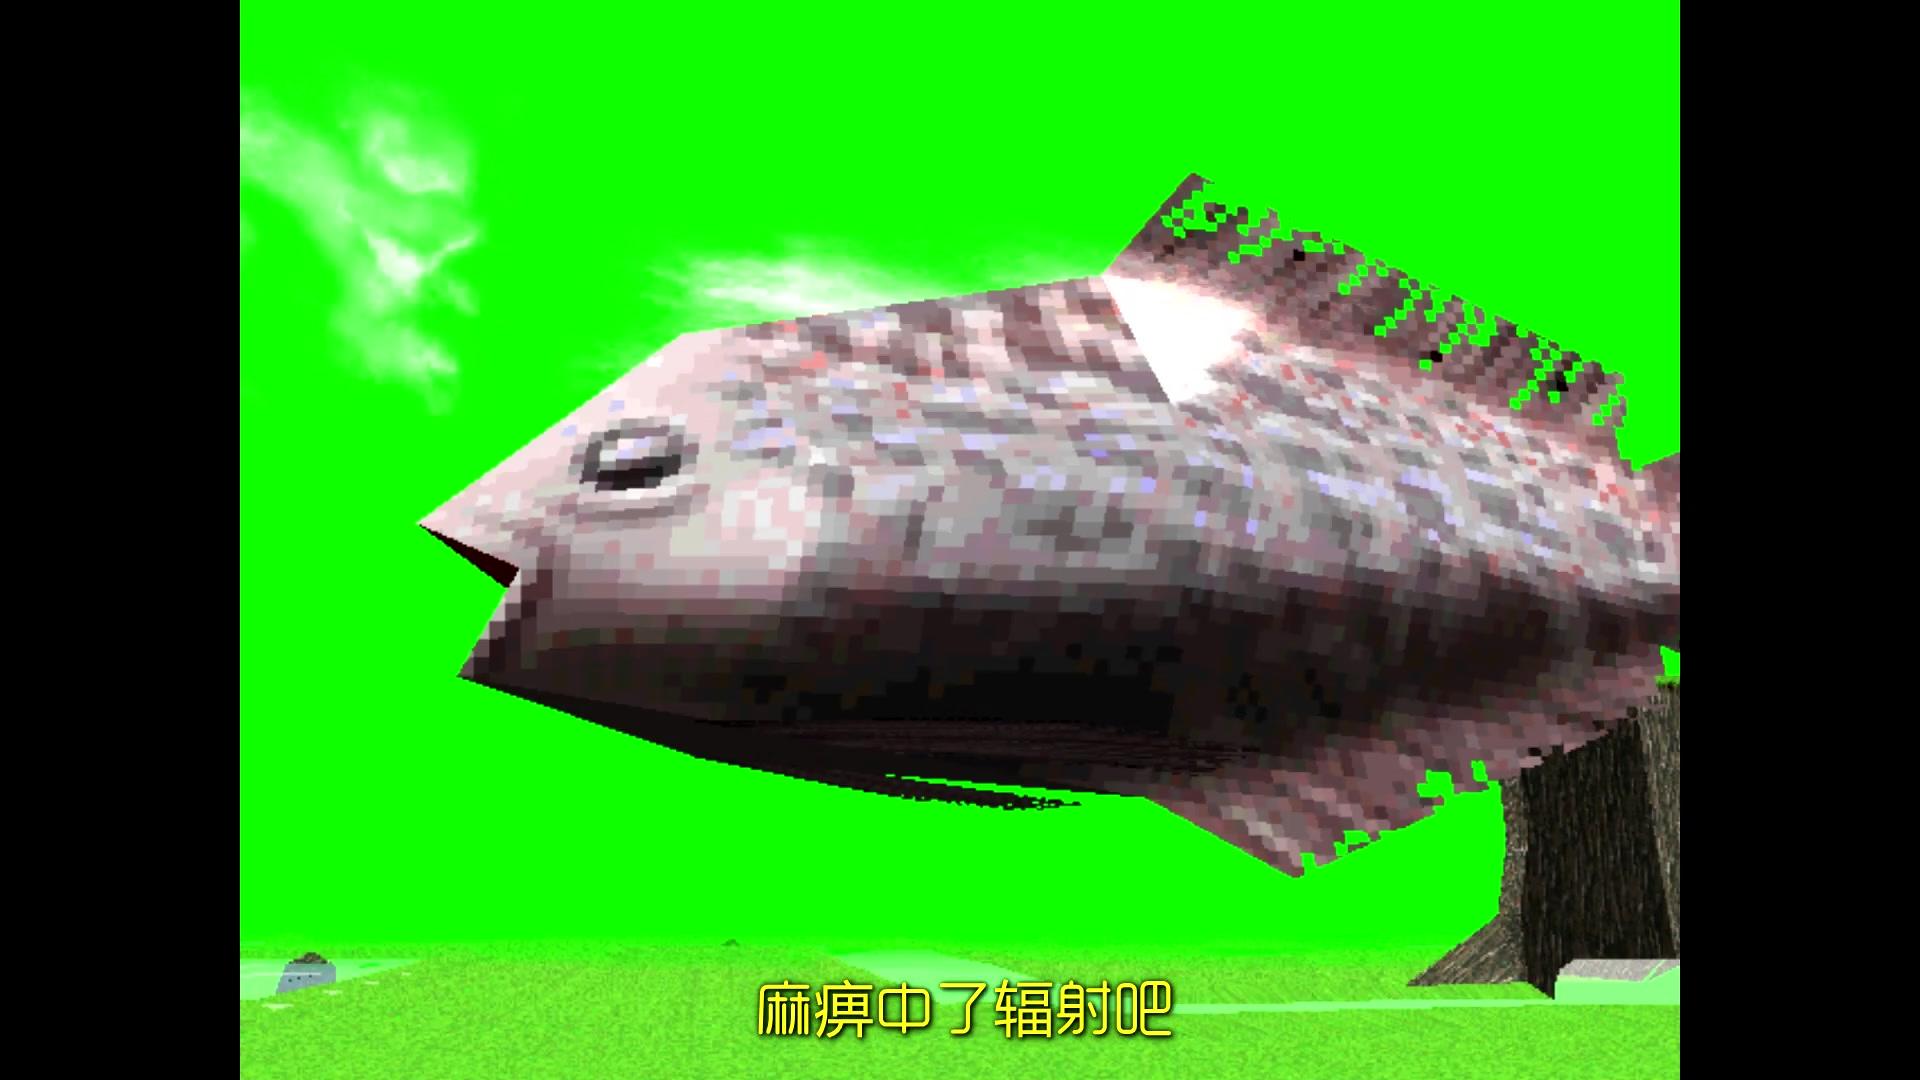 【敖厂长】日本精神污染游戏